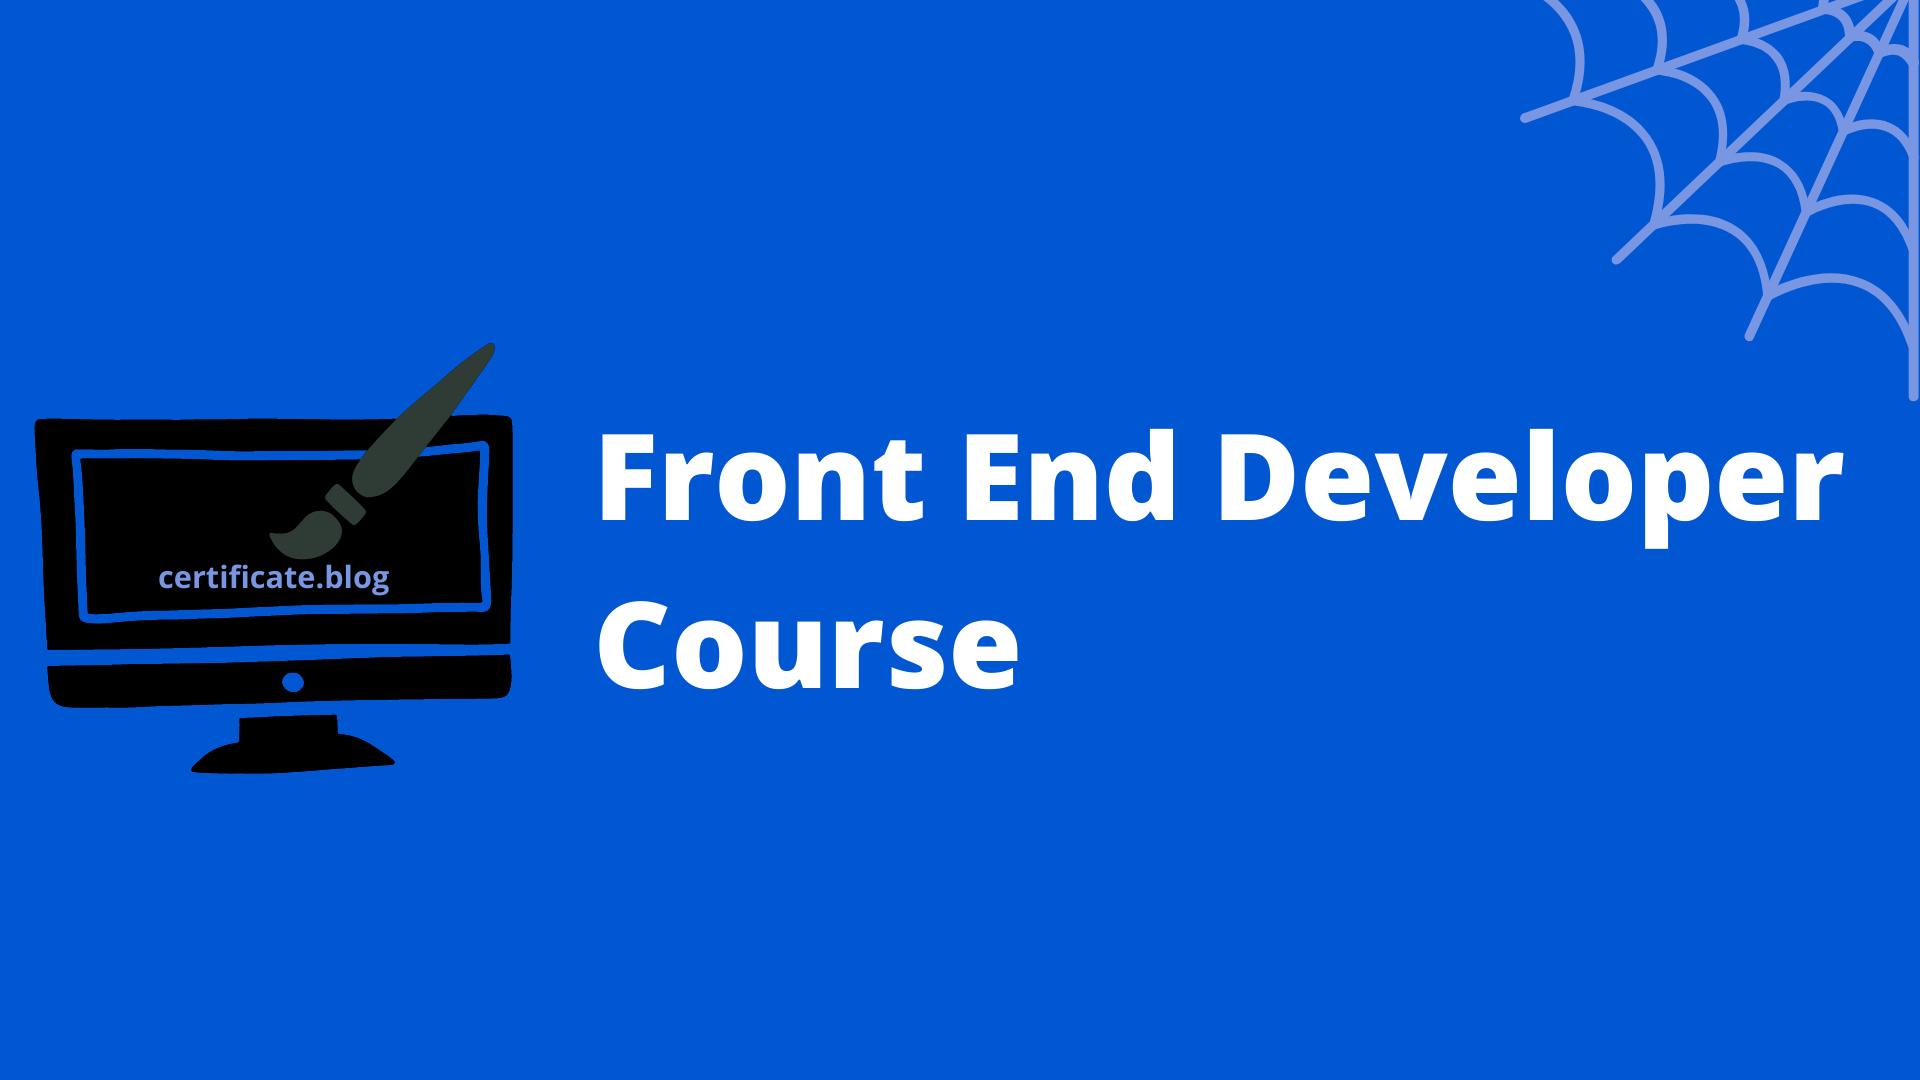 Front End Developer Course